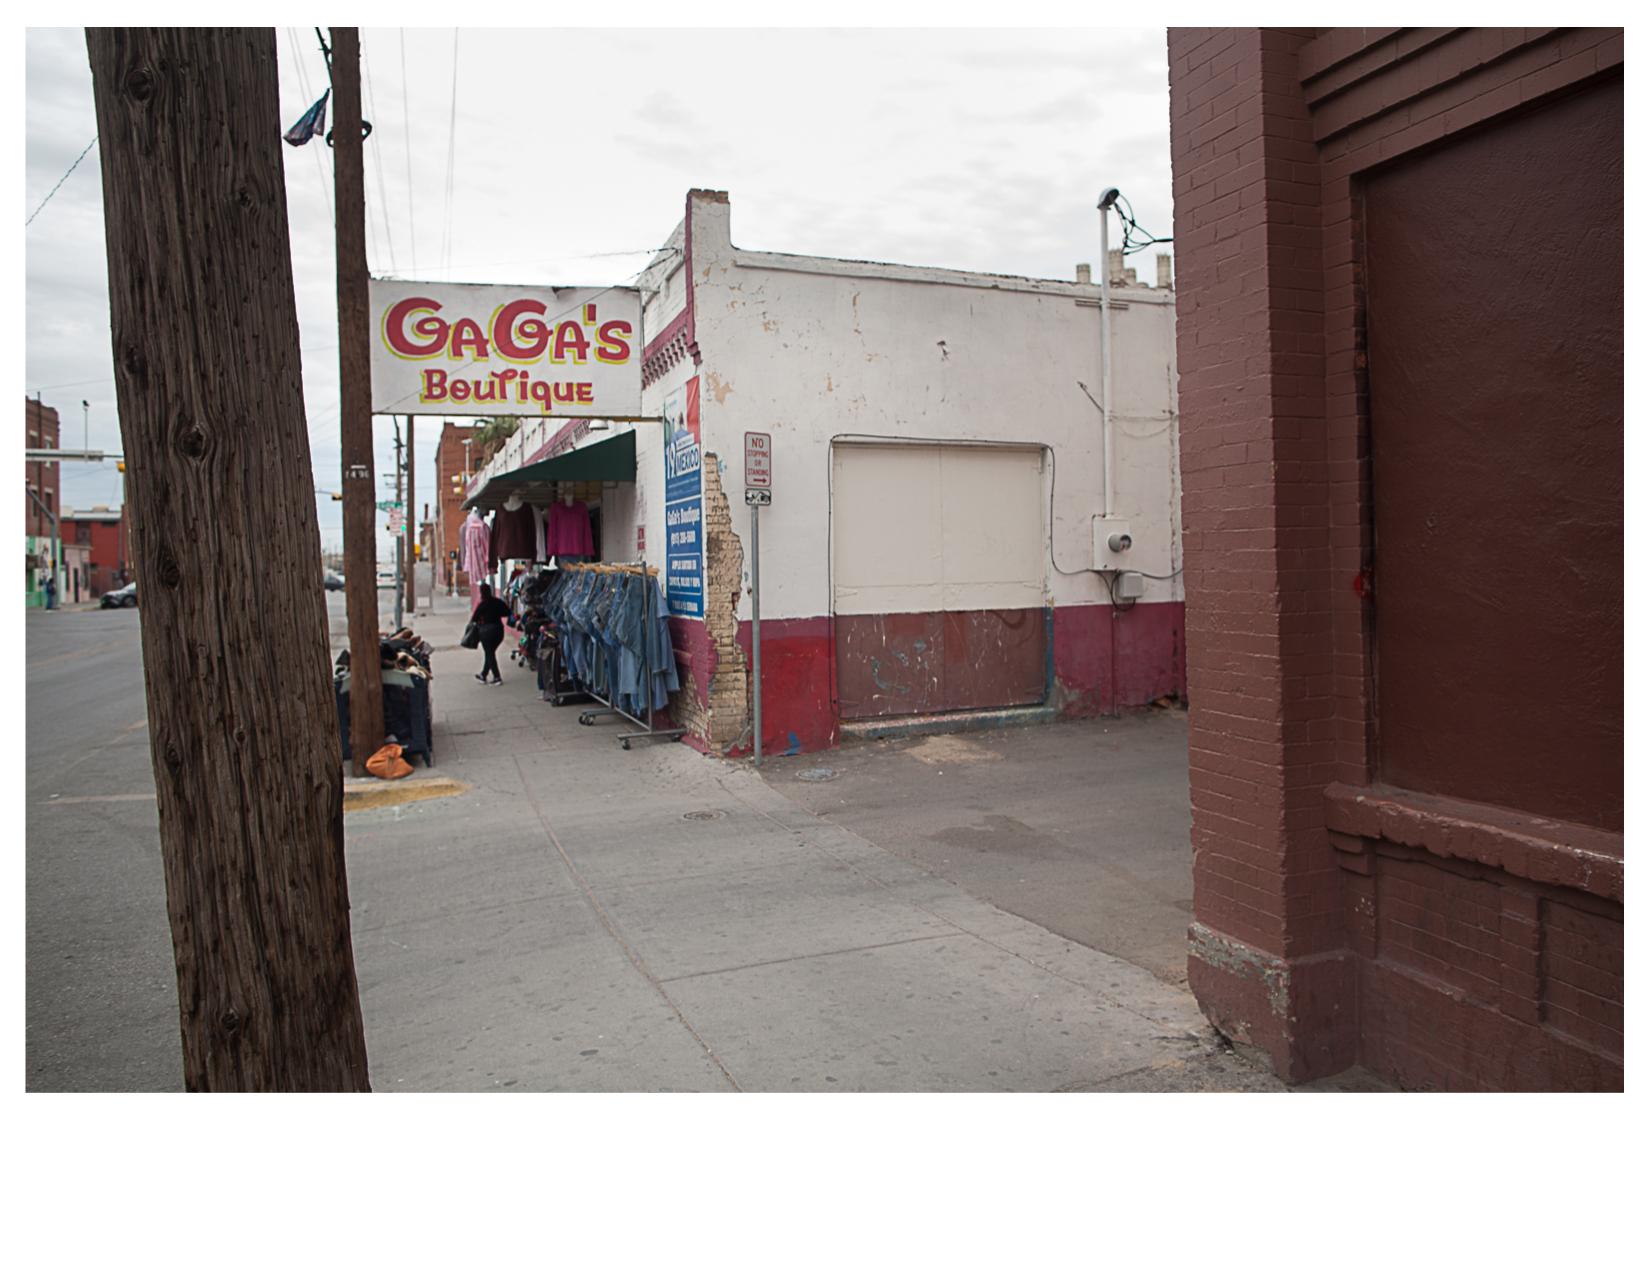 GaGa's Boutique, Chihuahuita, El Paso, TX